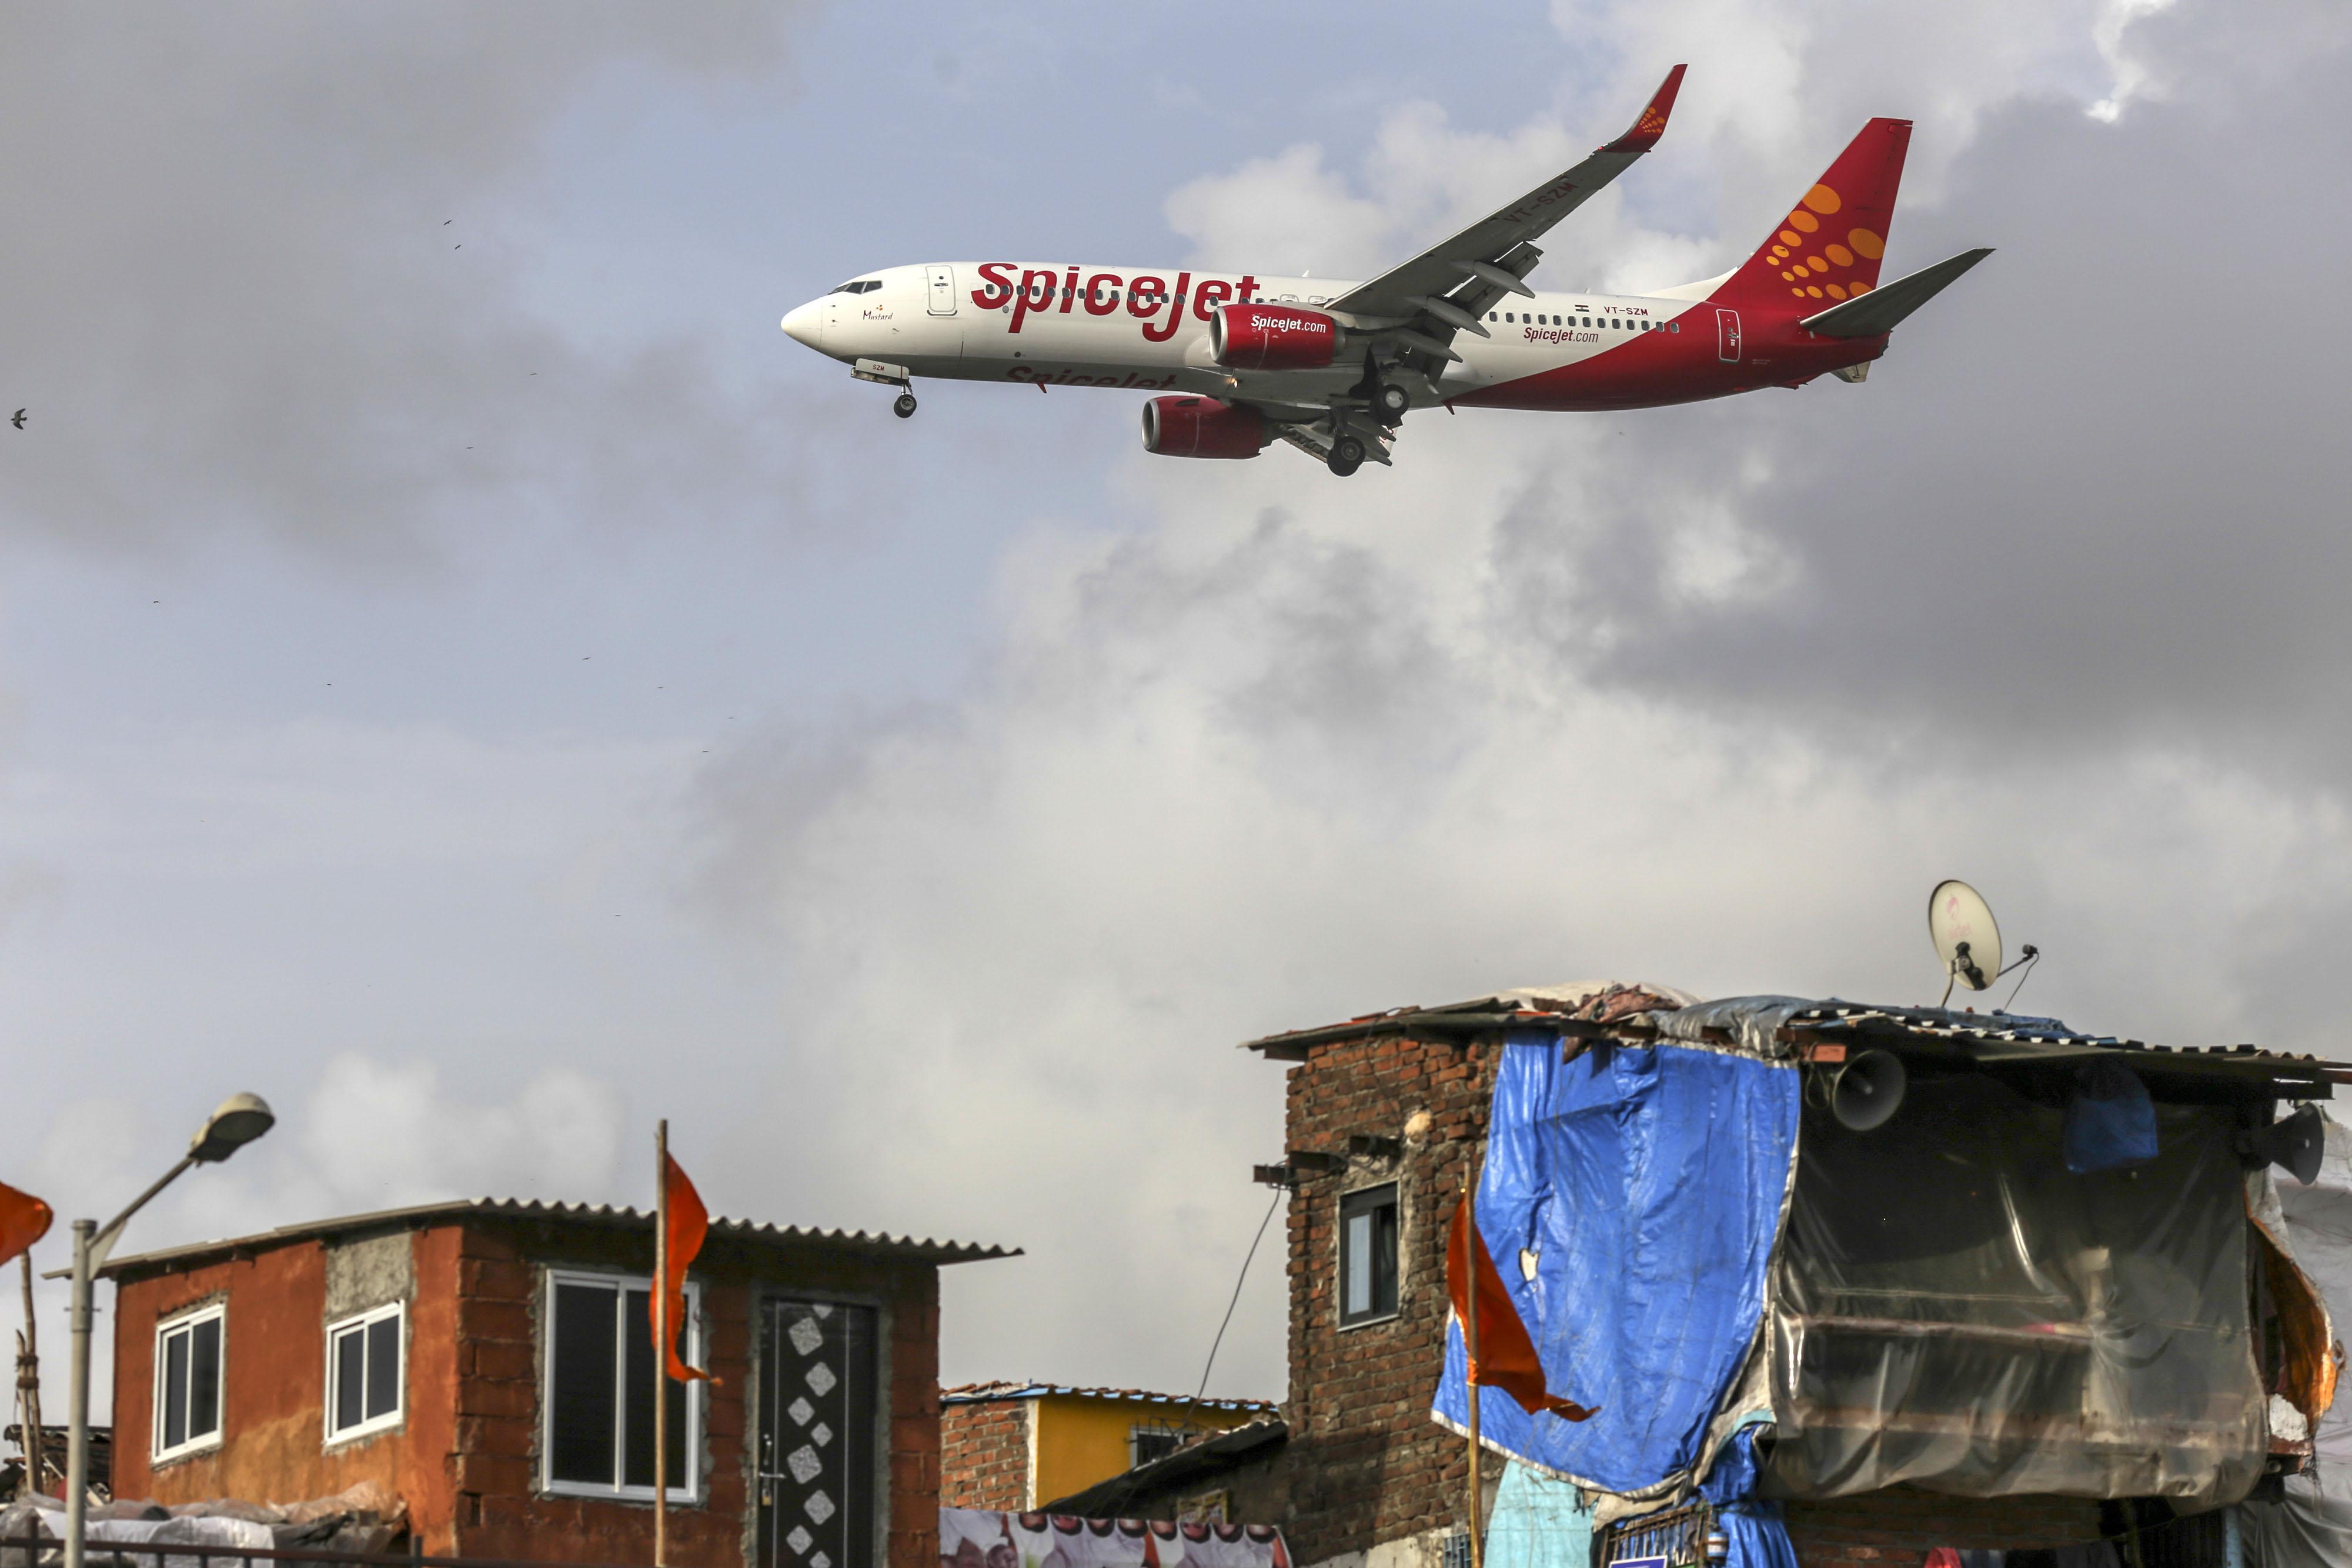 Un avión de SpiceJet se prepara para aterrizar en el Aeropuerto Internacional de Chhatrapati Shivaji (Mumbai, India) (Bloomberg/The Washington Post/ Dhiraj Singh)